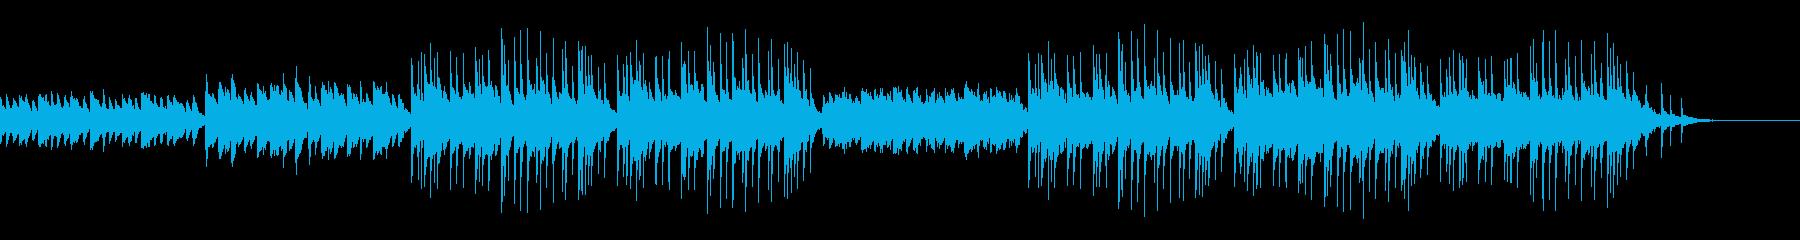 和テイストのBGMの再生済みの波形